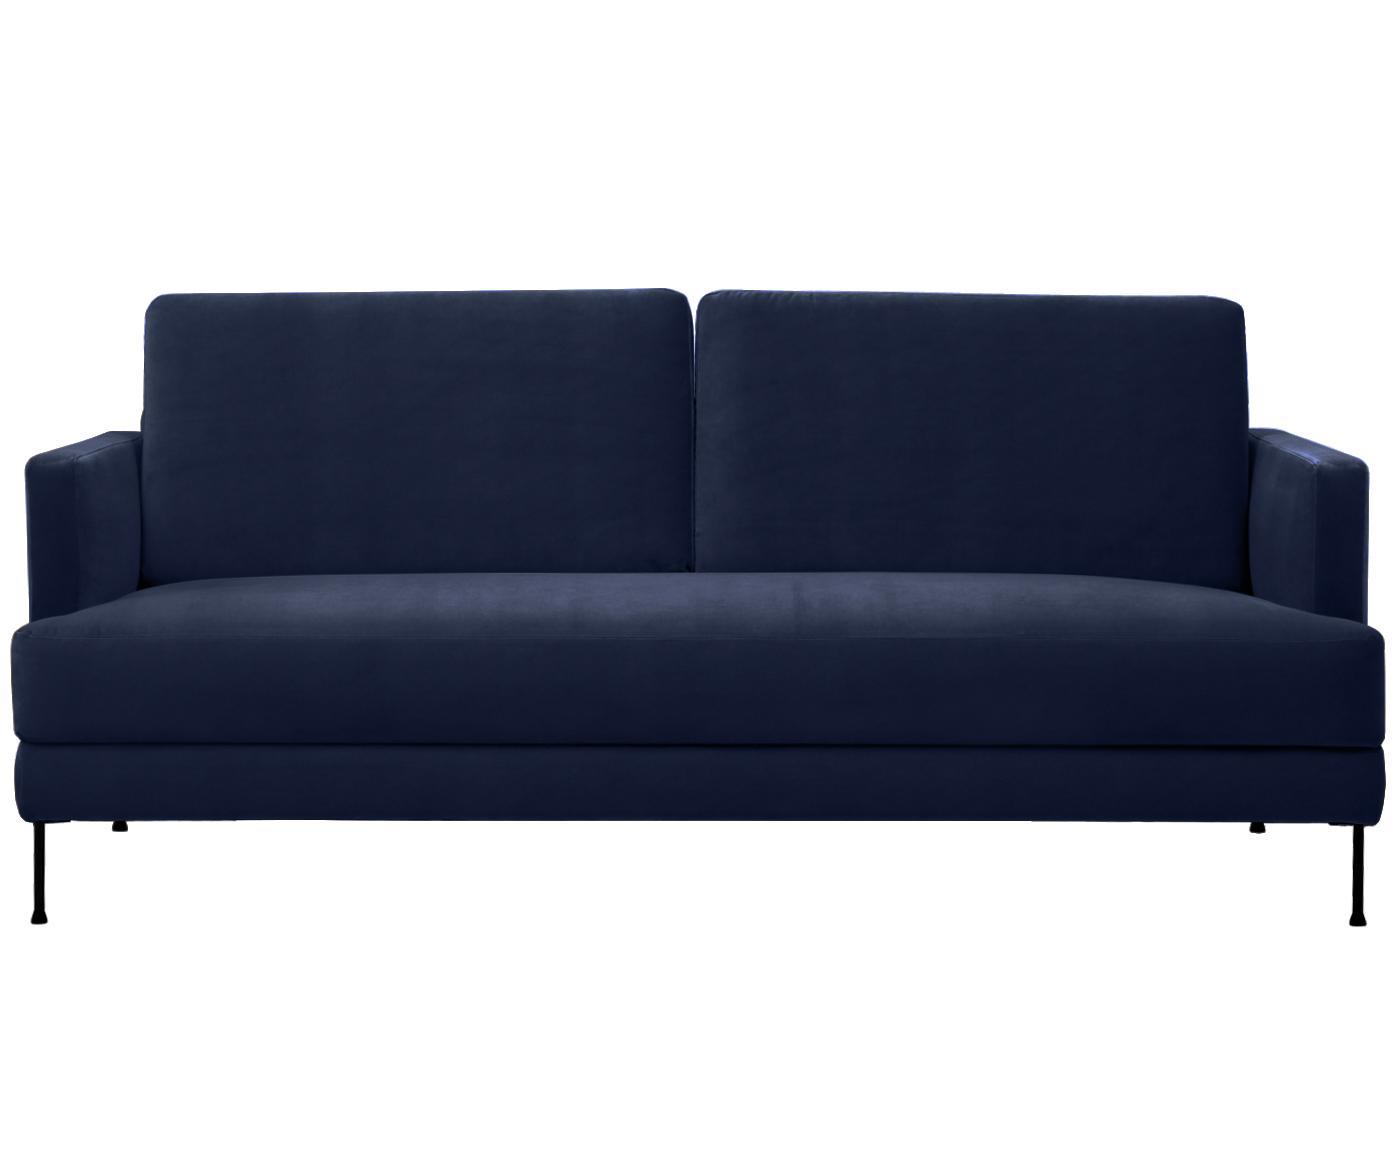 Sofa z aksamitu Fluente (3-osobowa), Tapicerka: aksamit (wysokiej jakości, Stelaż: lite drewno sosnowe, Nogi: metal lakierowany, Aksamitny ciemny niebieski, S 197 x G 83 cm